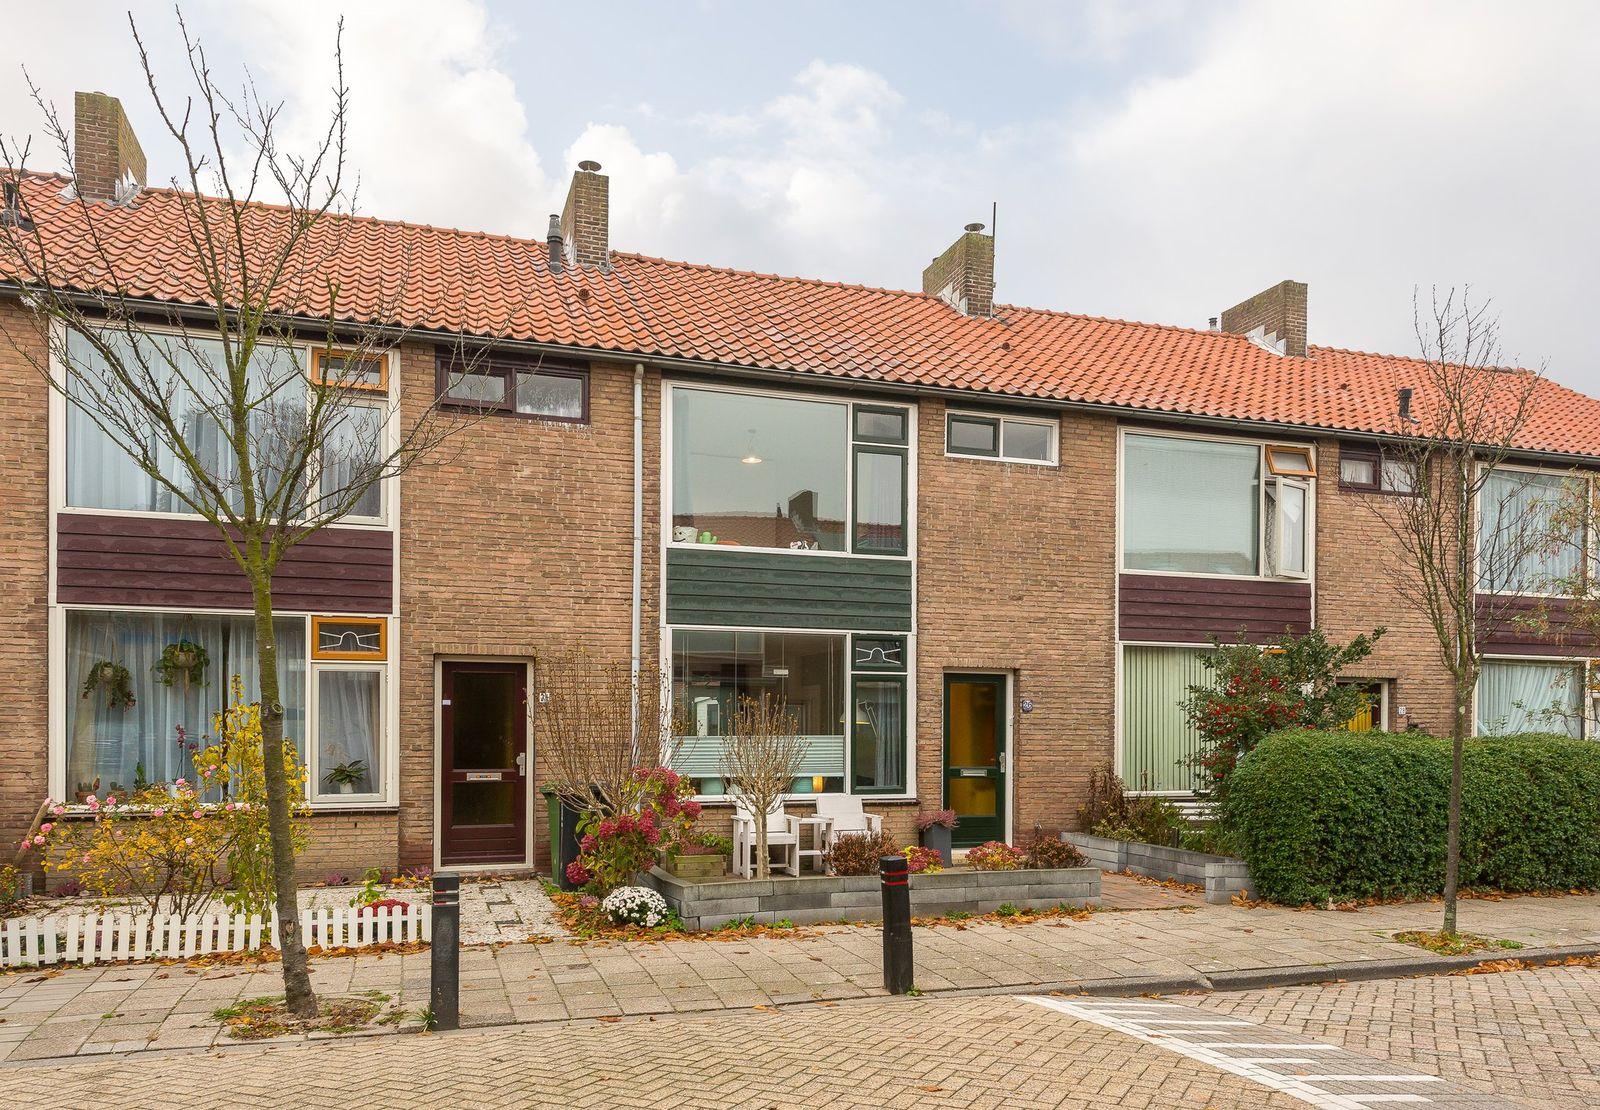 A.J. van Reststraat 26, Poeldijk